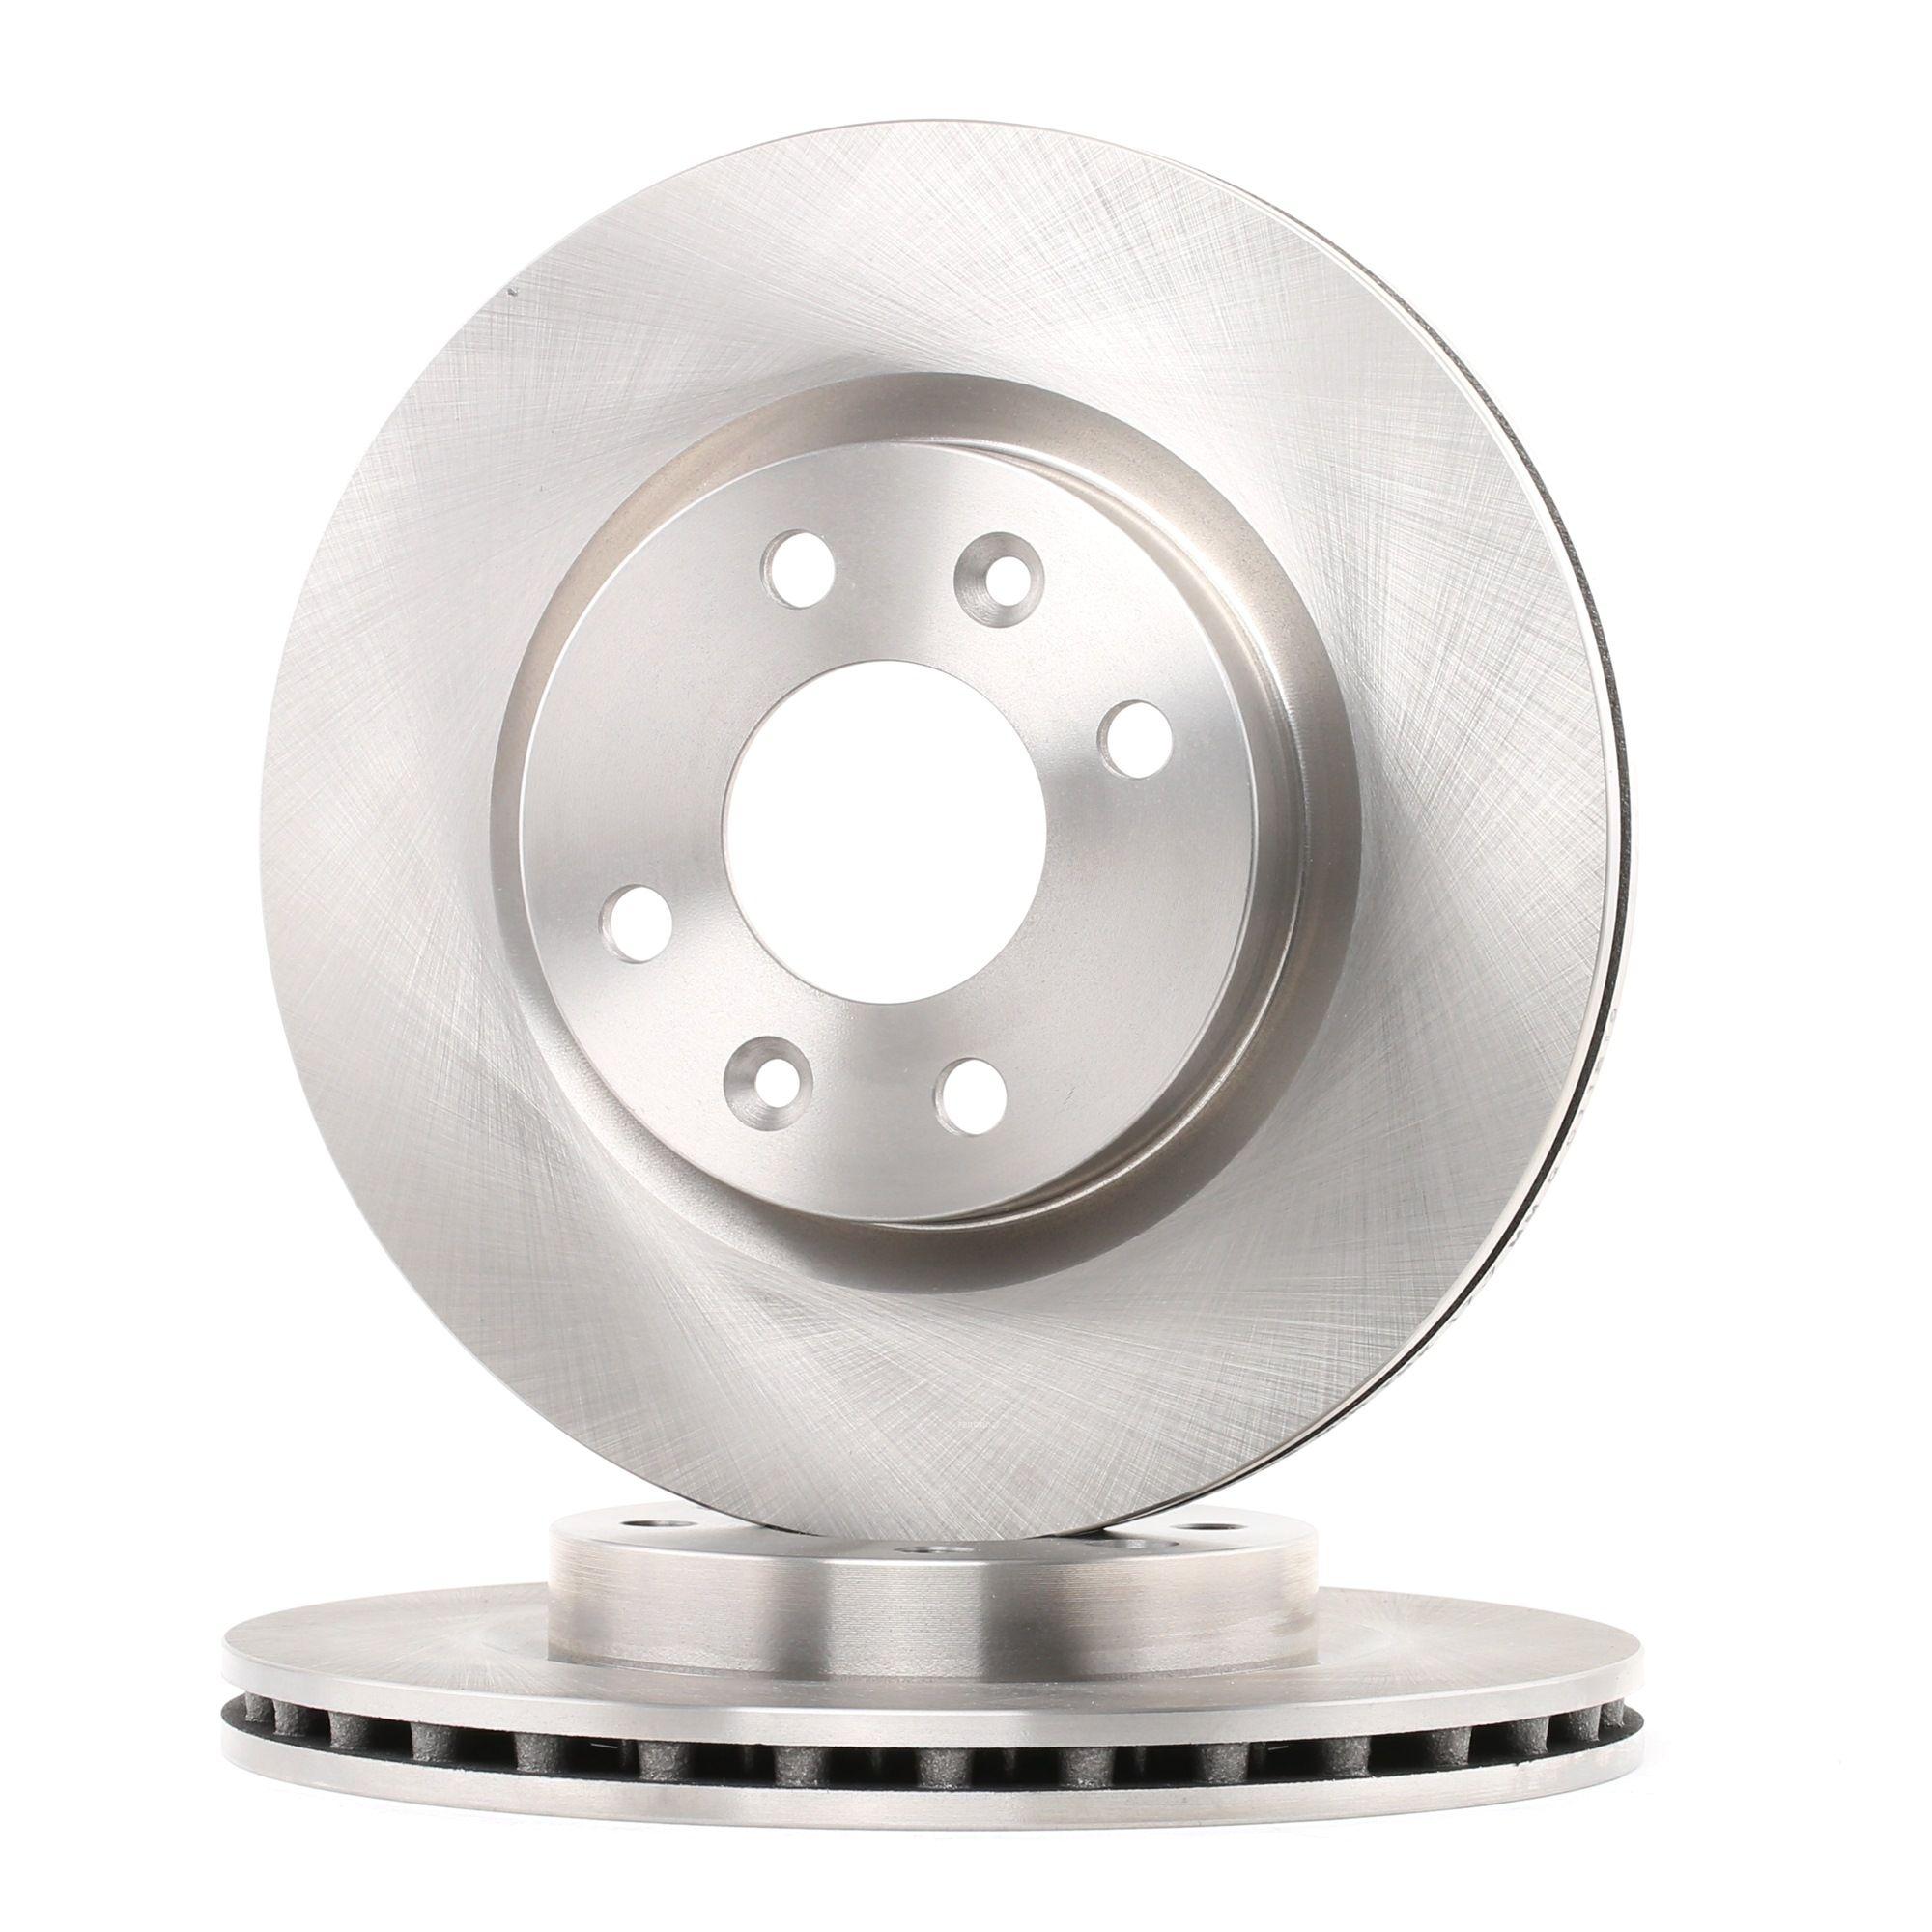 Origine Disque de frein FERODO DDF1096 (Ø: 259mm, Nbre de trous: 4, Épaisseur du disque de frein: 21mm)